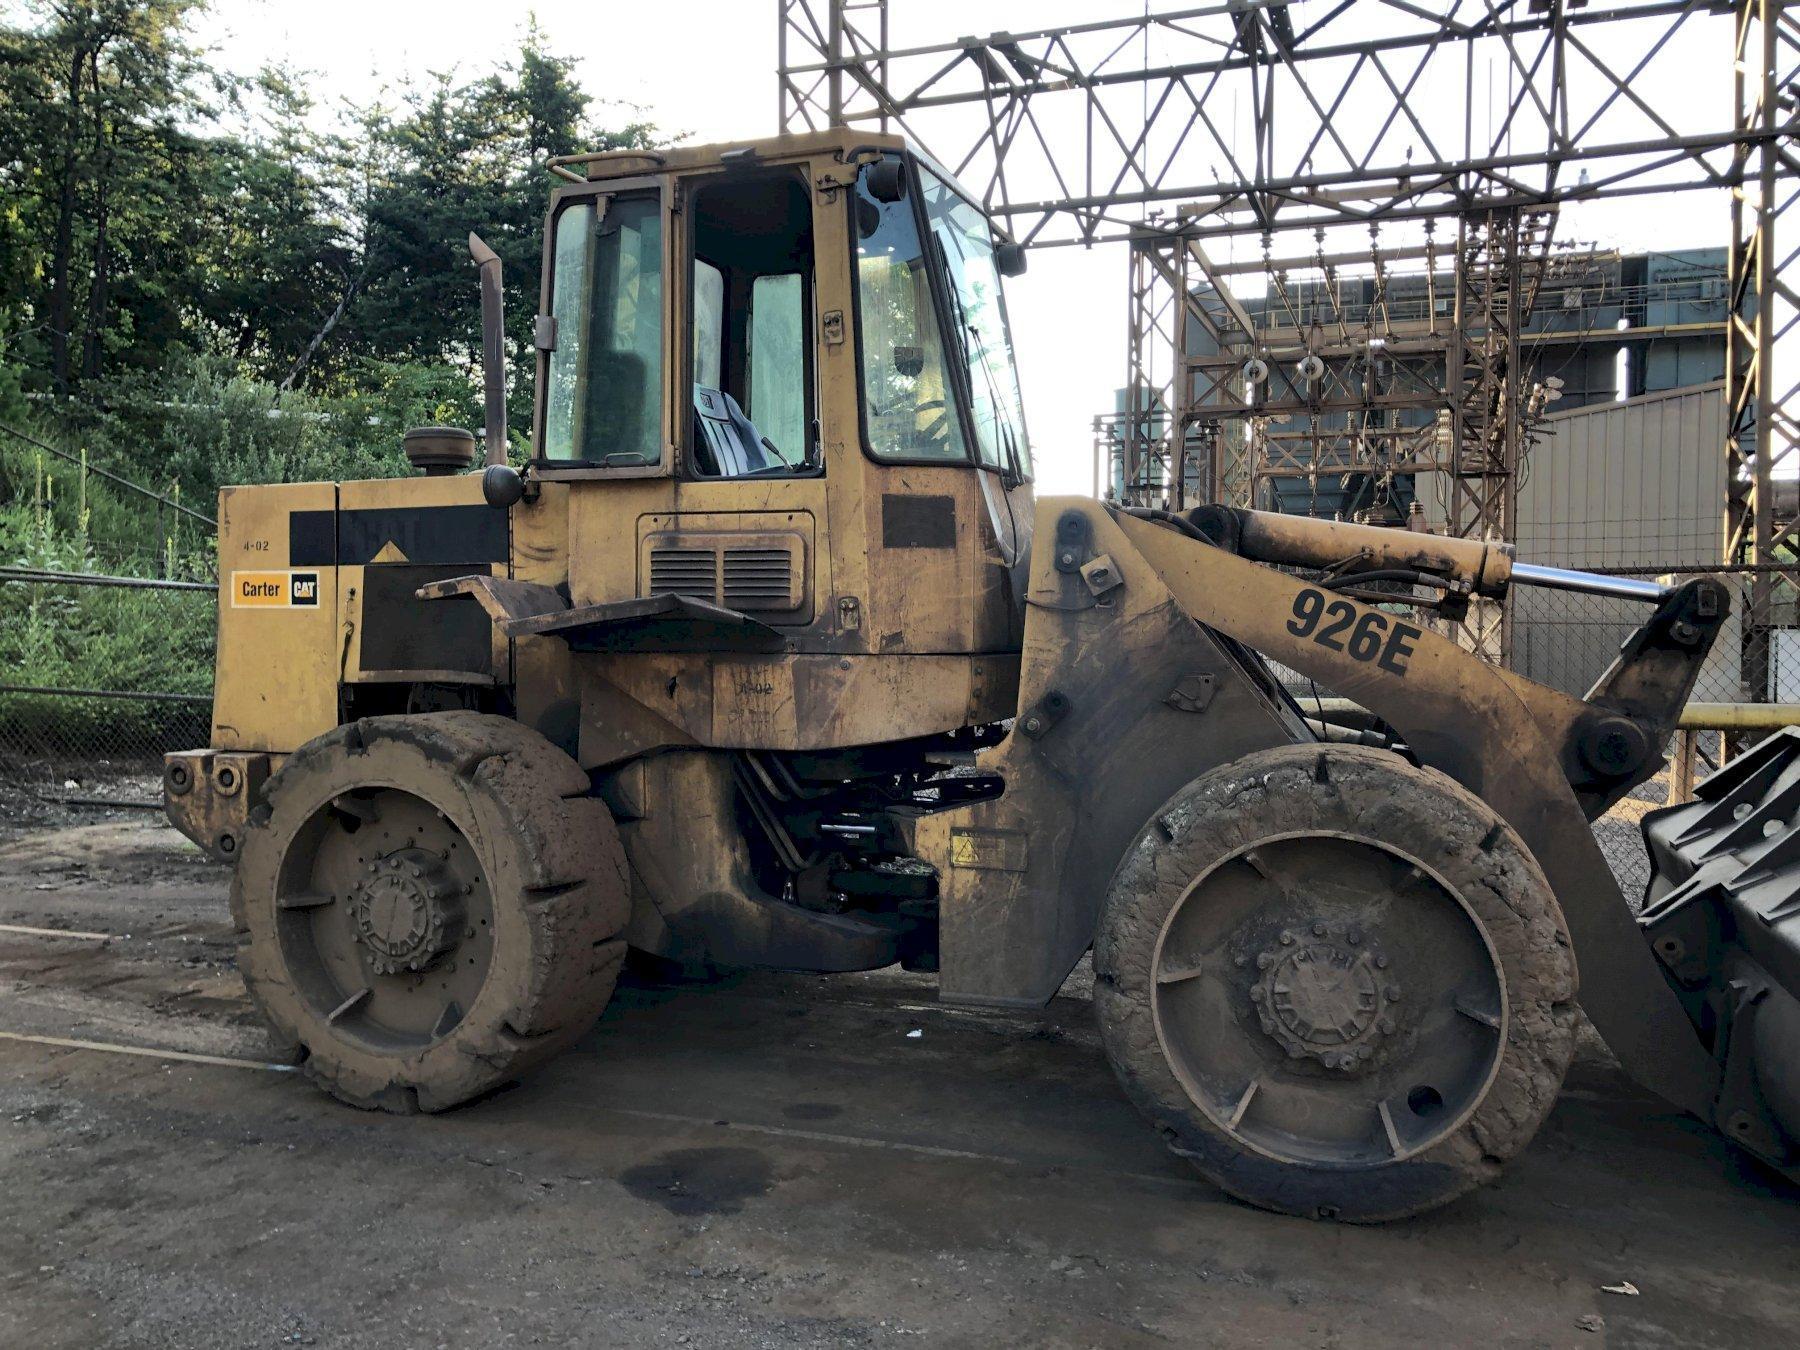 Loader CAT model 926e articulating loader  s/n 94z03925, hard tires, 2.5 cu ft bucket, enclosed cab, backup camera, 13979 hours